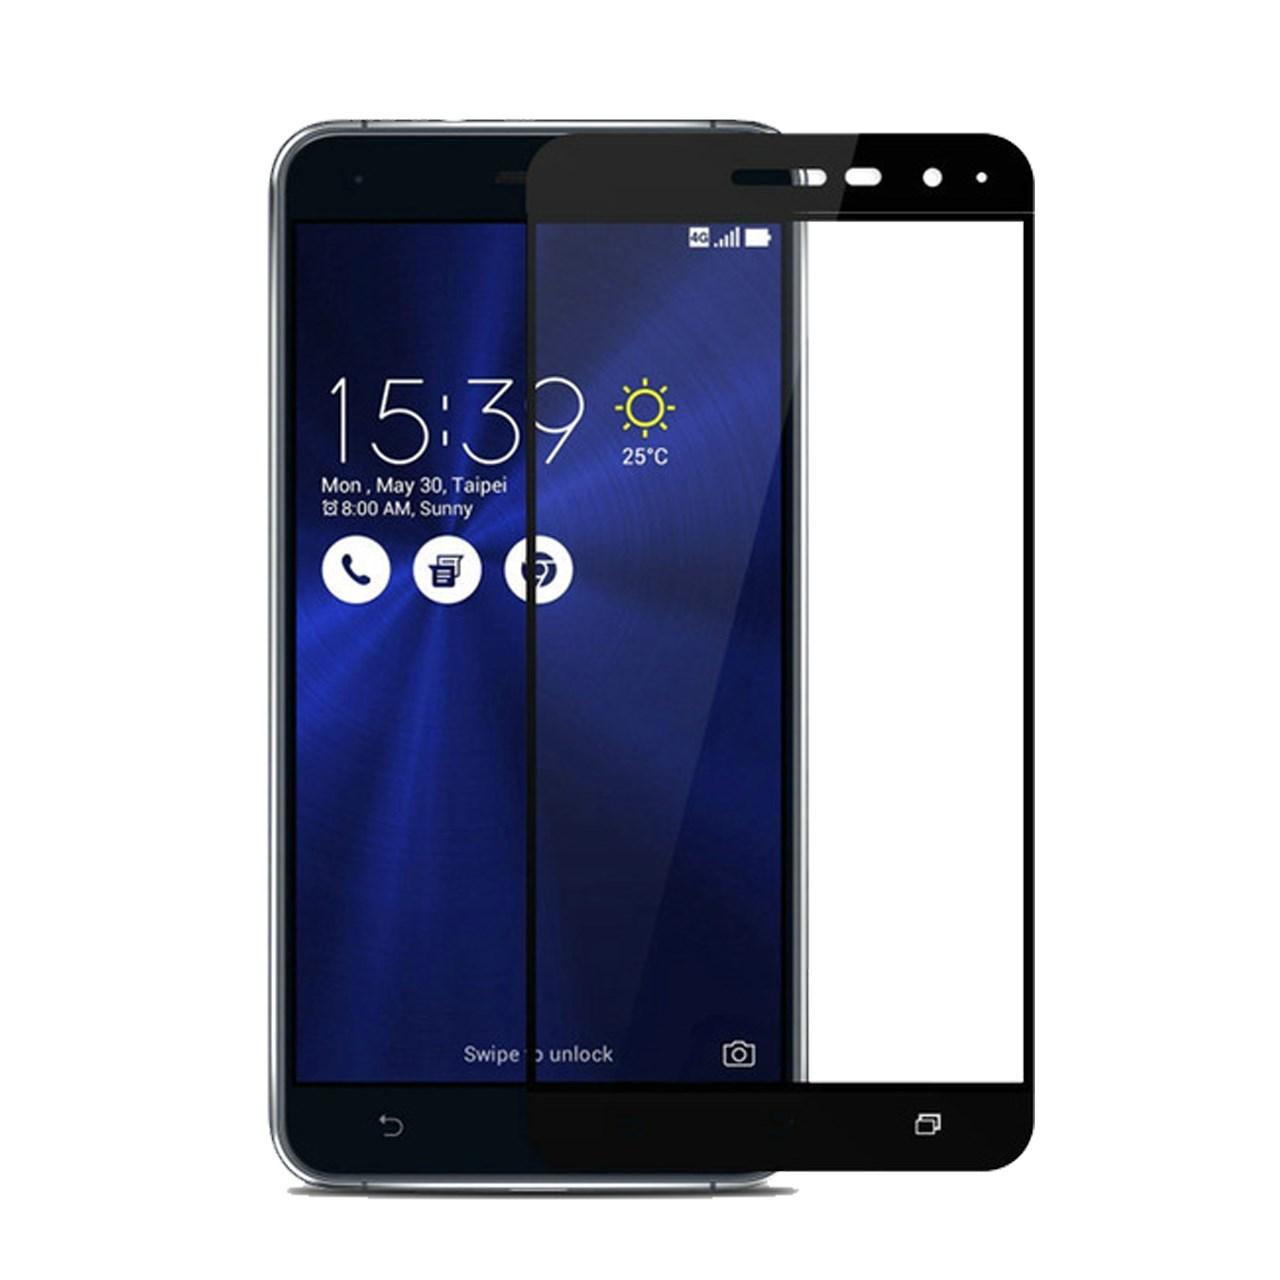 محافظ صفحه نمایش شیشه ای تمپرد مدل Full Cover مناسب برای گوشی موبایل ایسوس Zenfone 3 5.2 ZE520KL